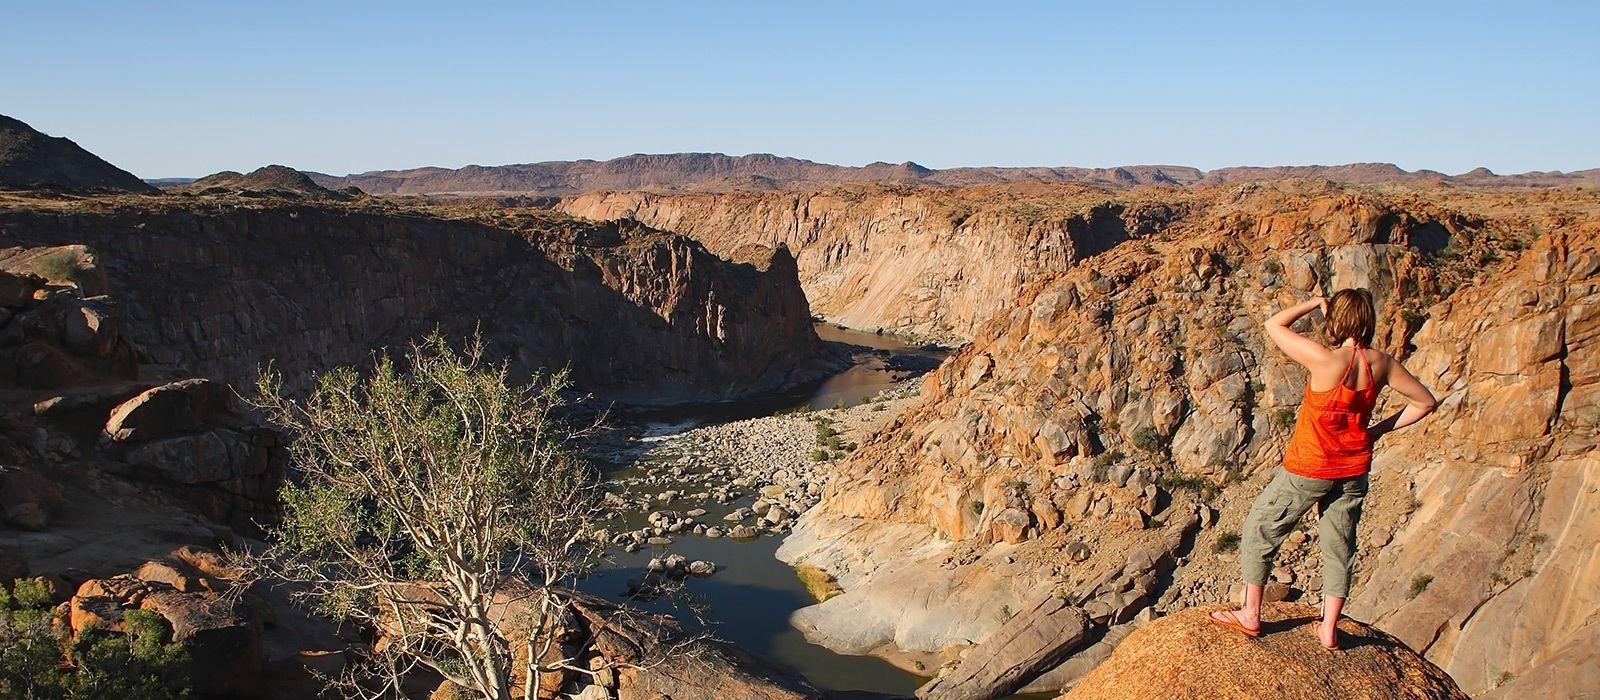 Destination Kalahari Desert South Africa